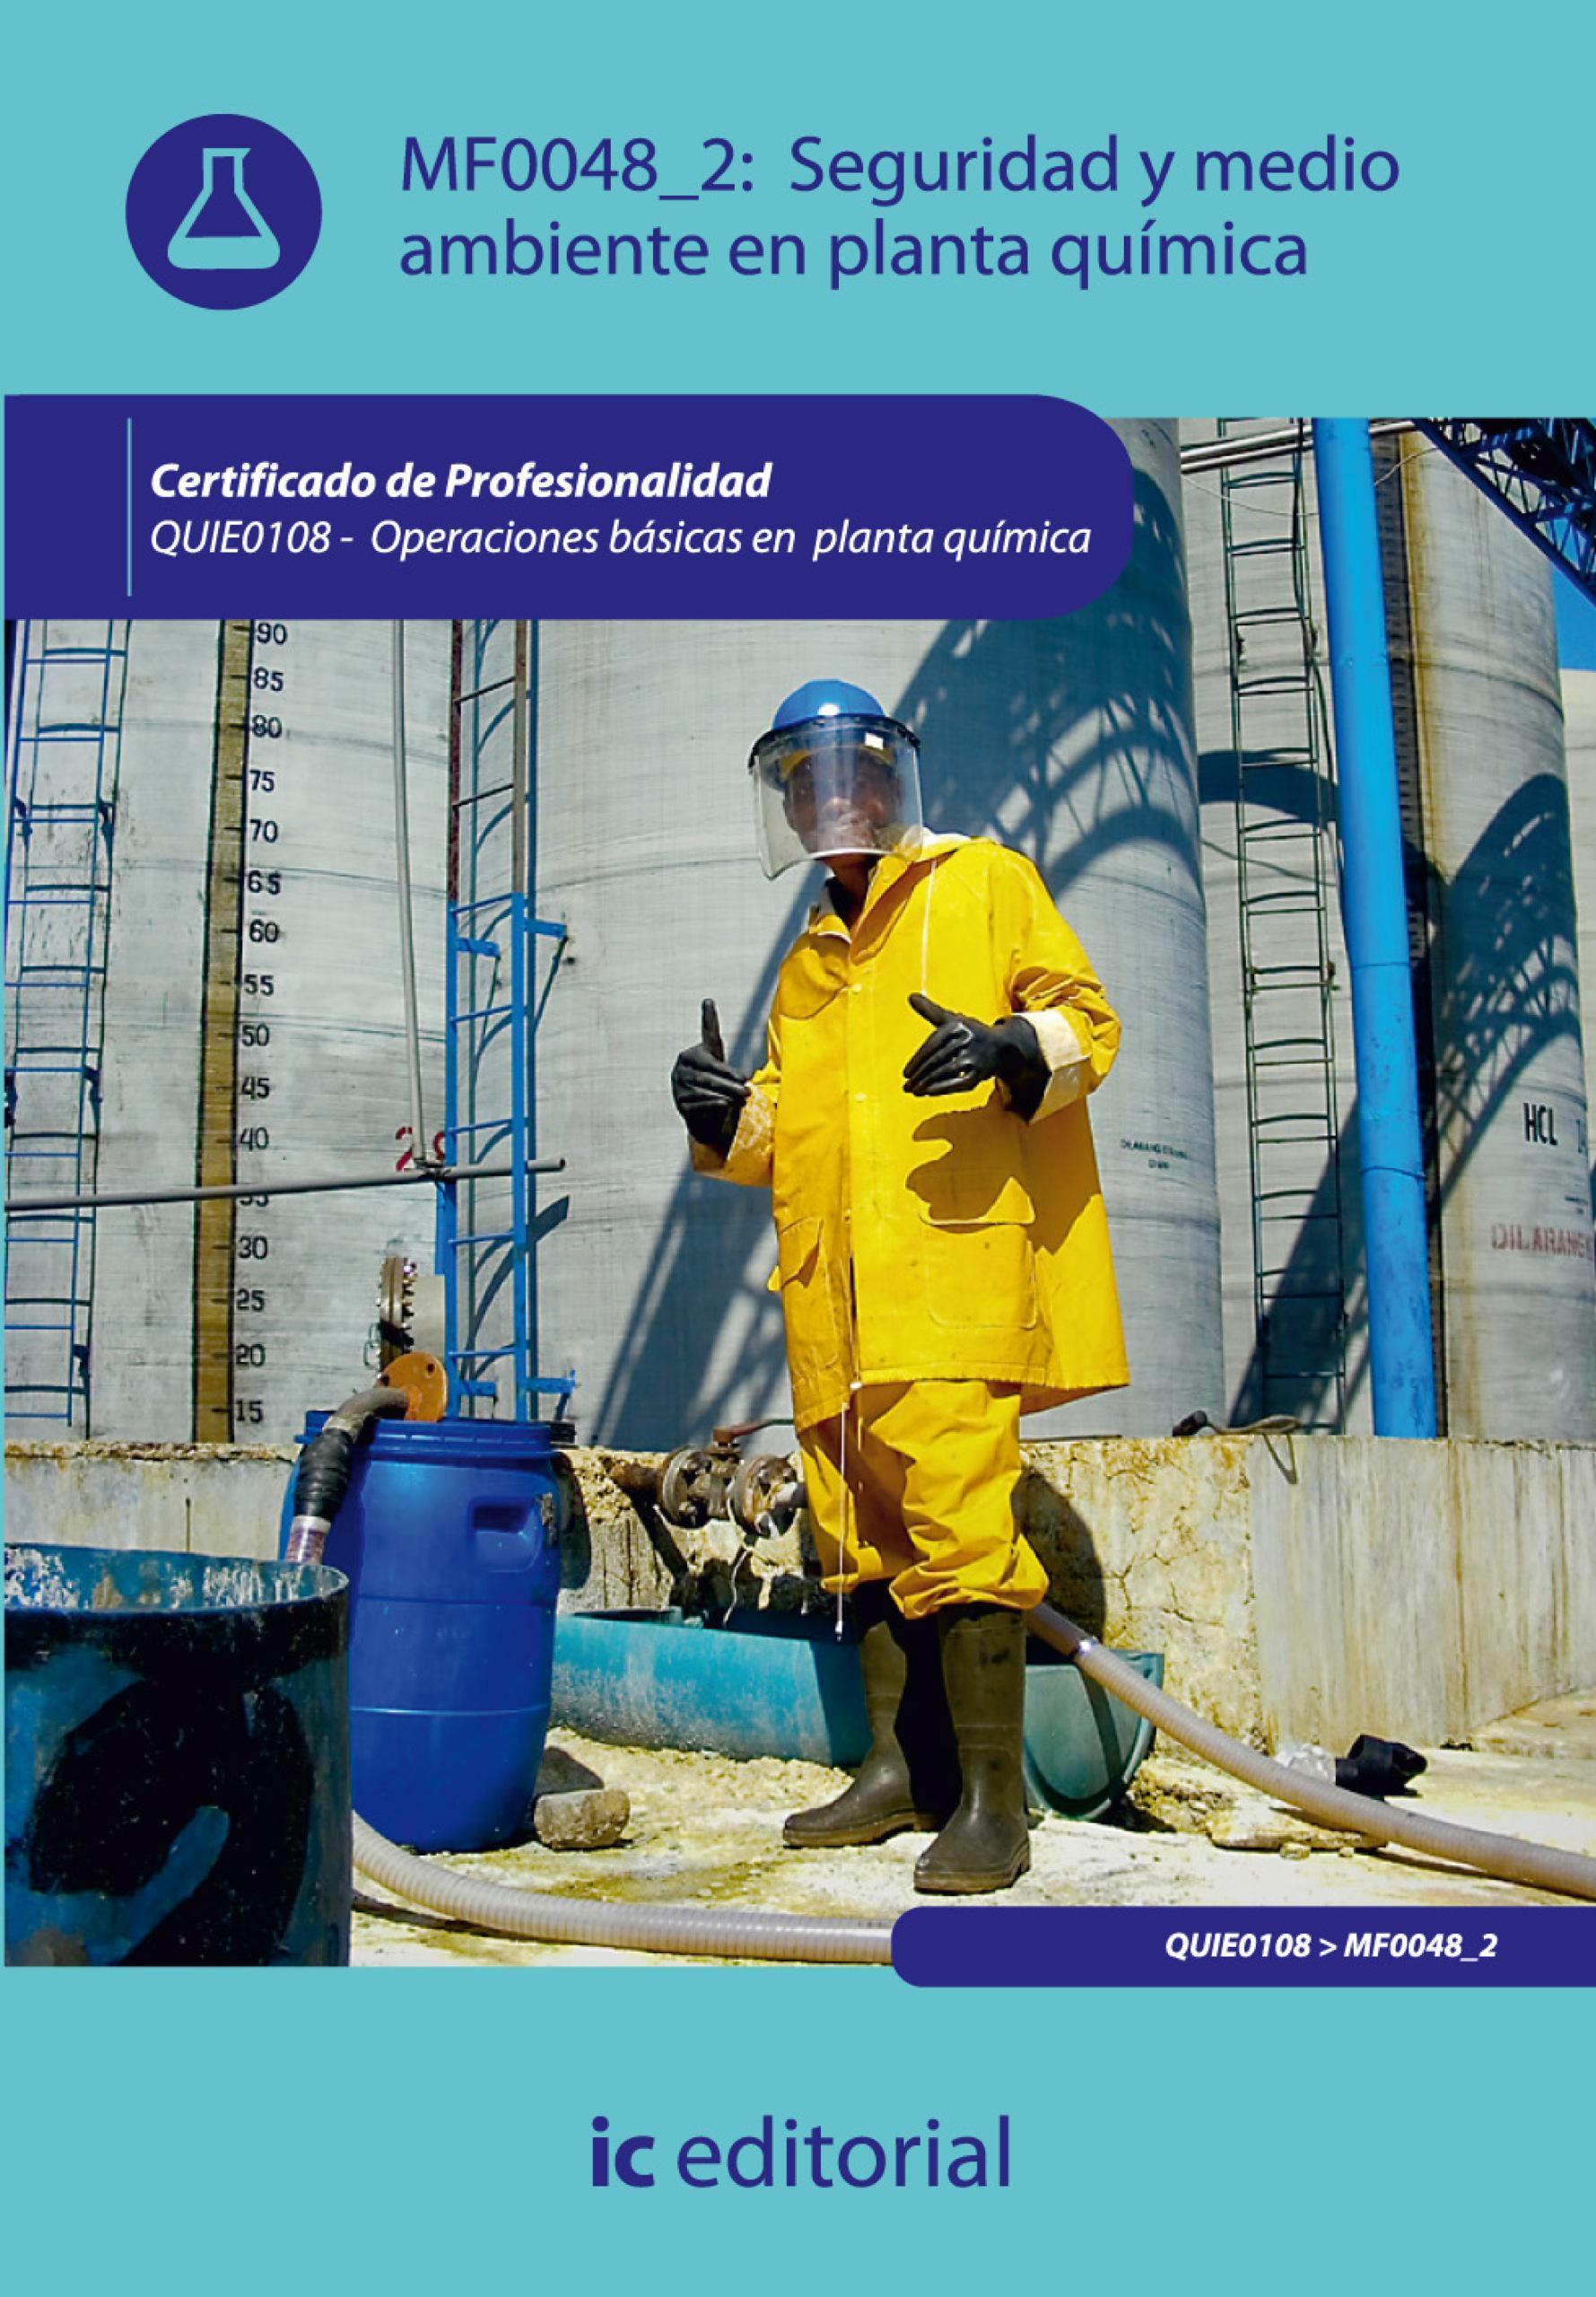 Seguridad y medio ambiente en planta química. QUIE0108